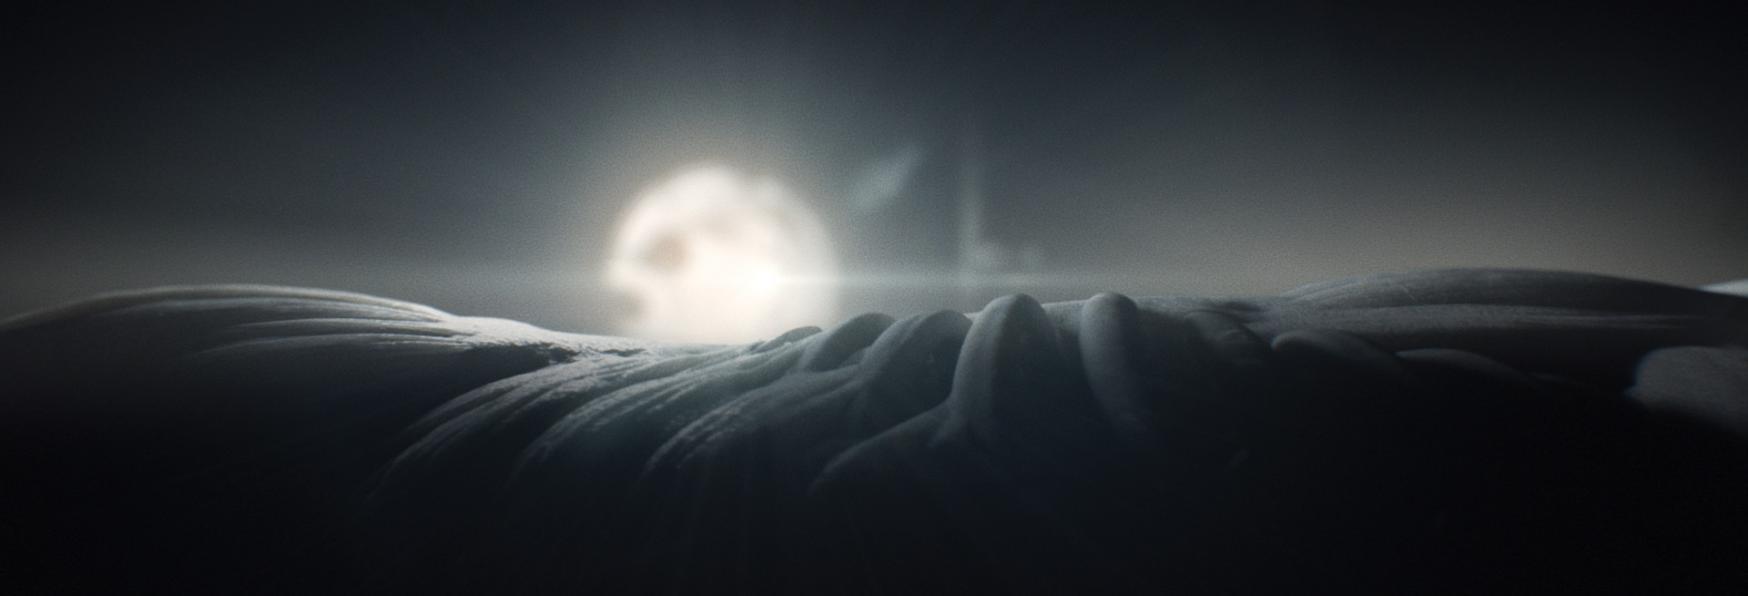 Le Migliori Soundtrack delle Serie TV: Westworld - Cover e Orchestre